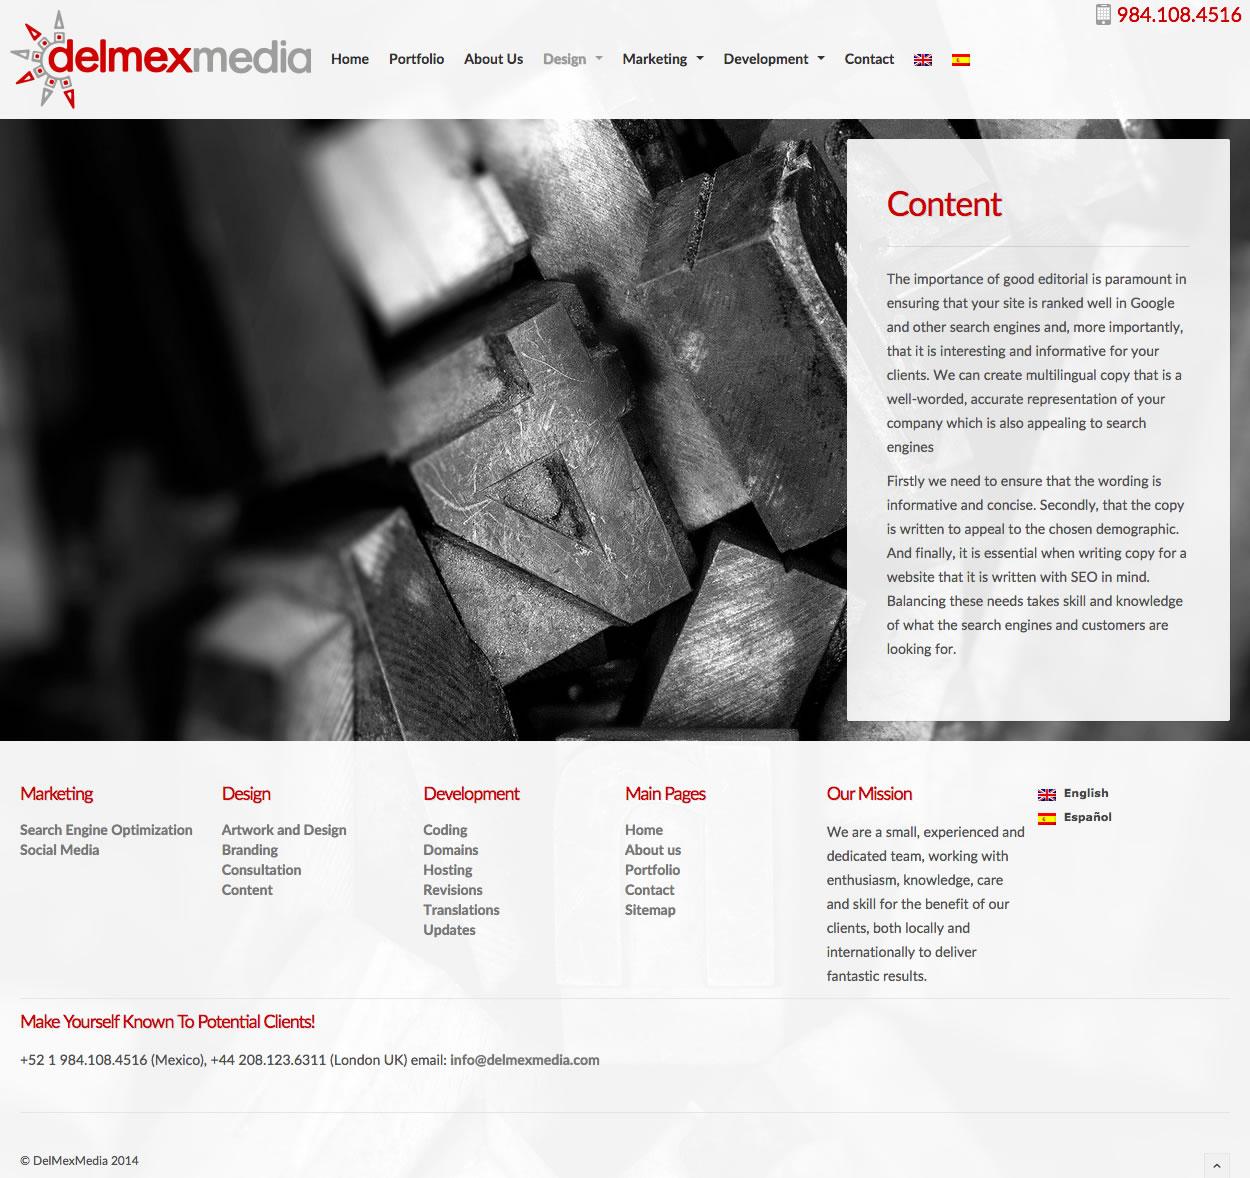 DelmexMedia Content